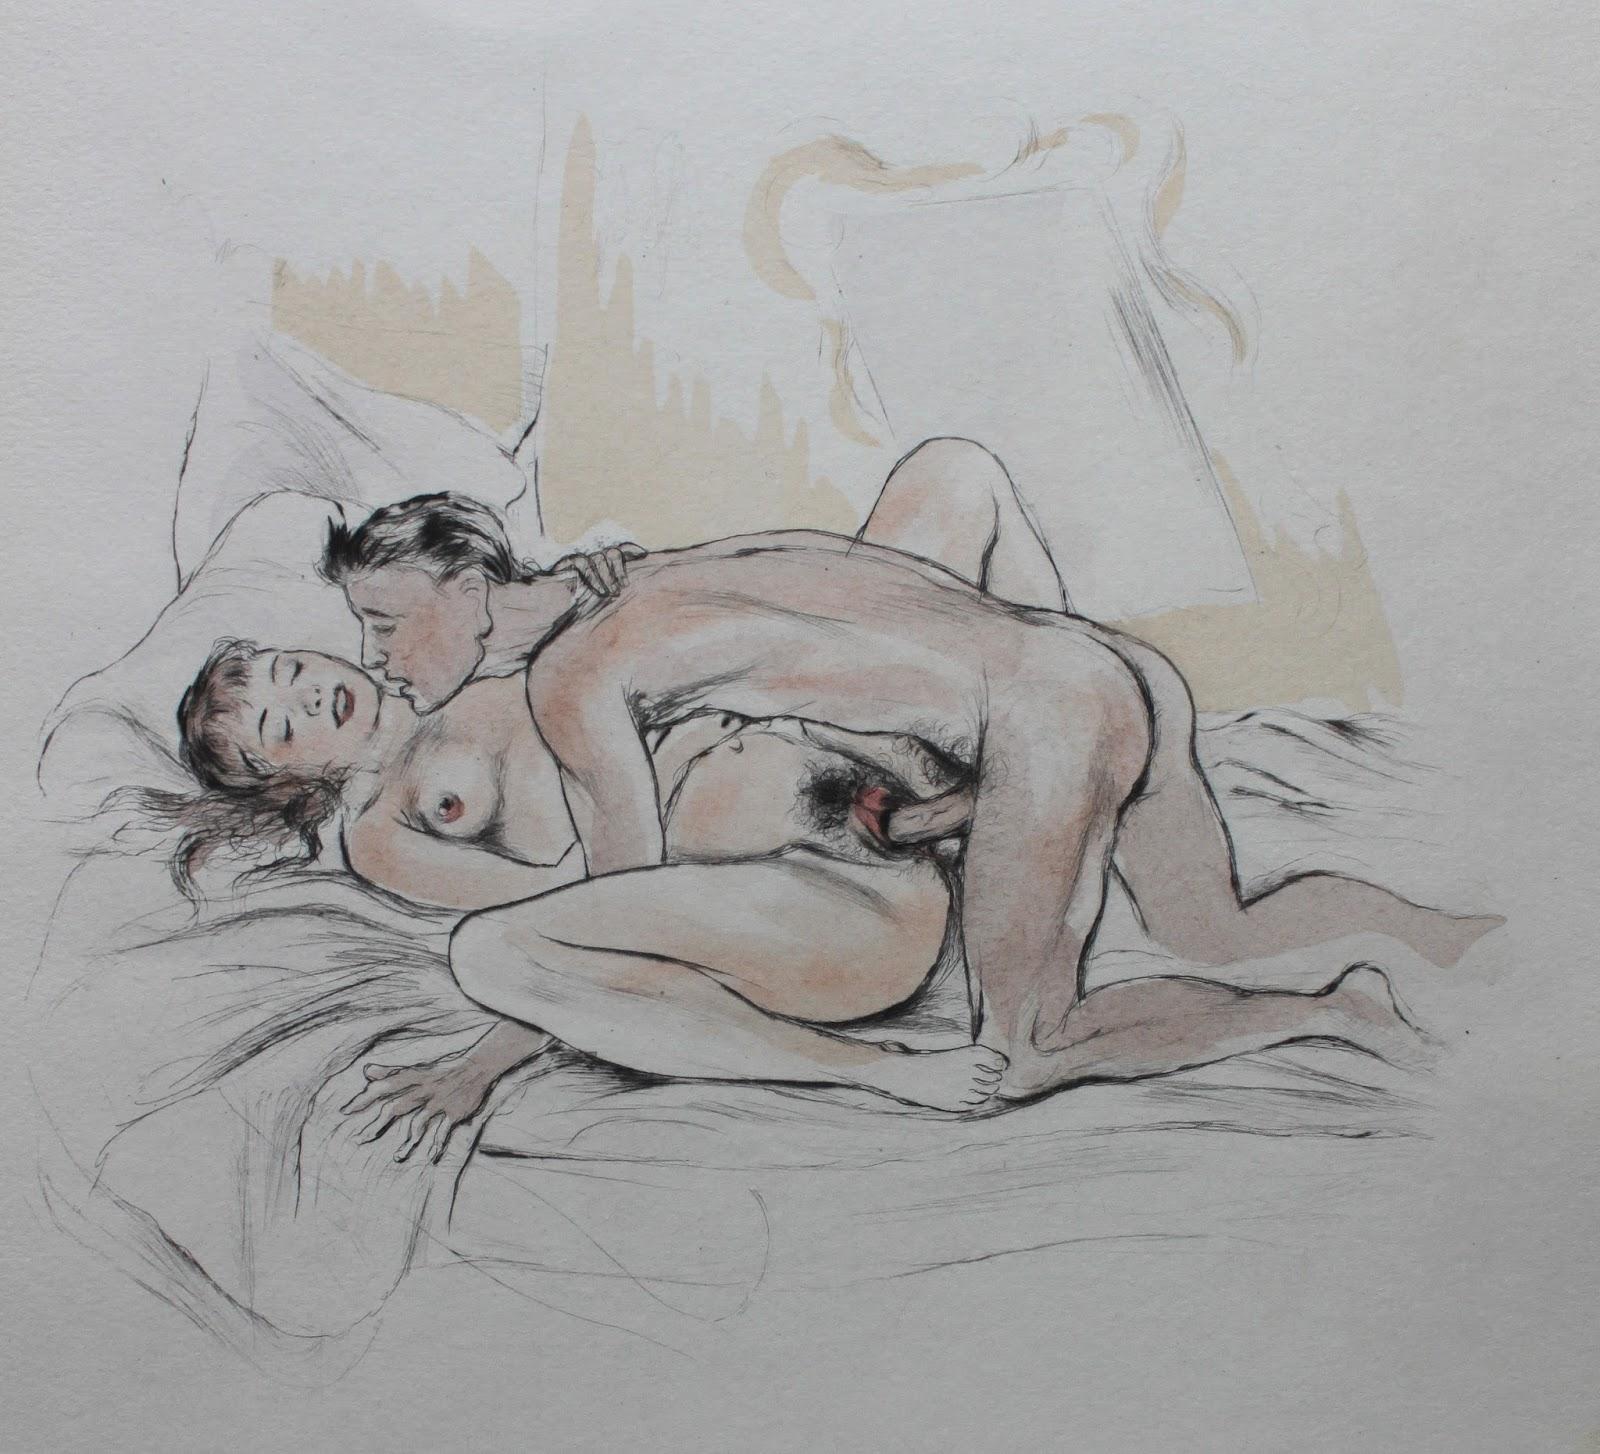 La porte secrete erotic